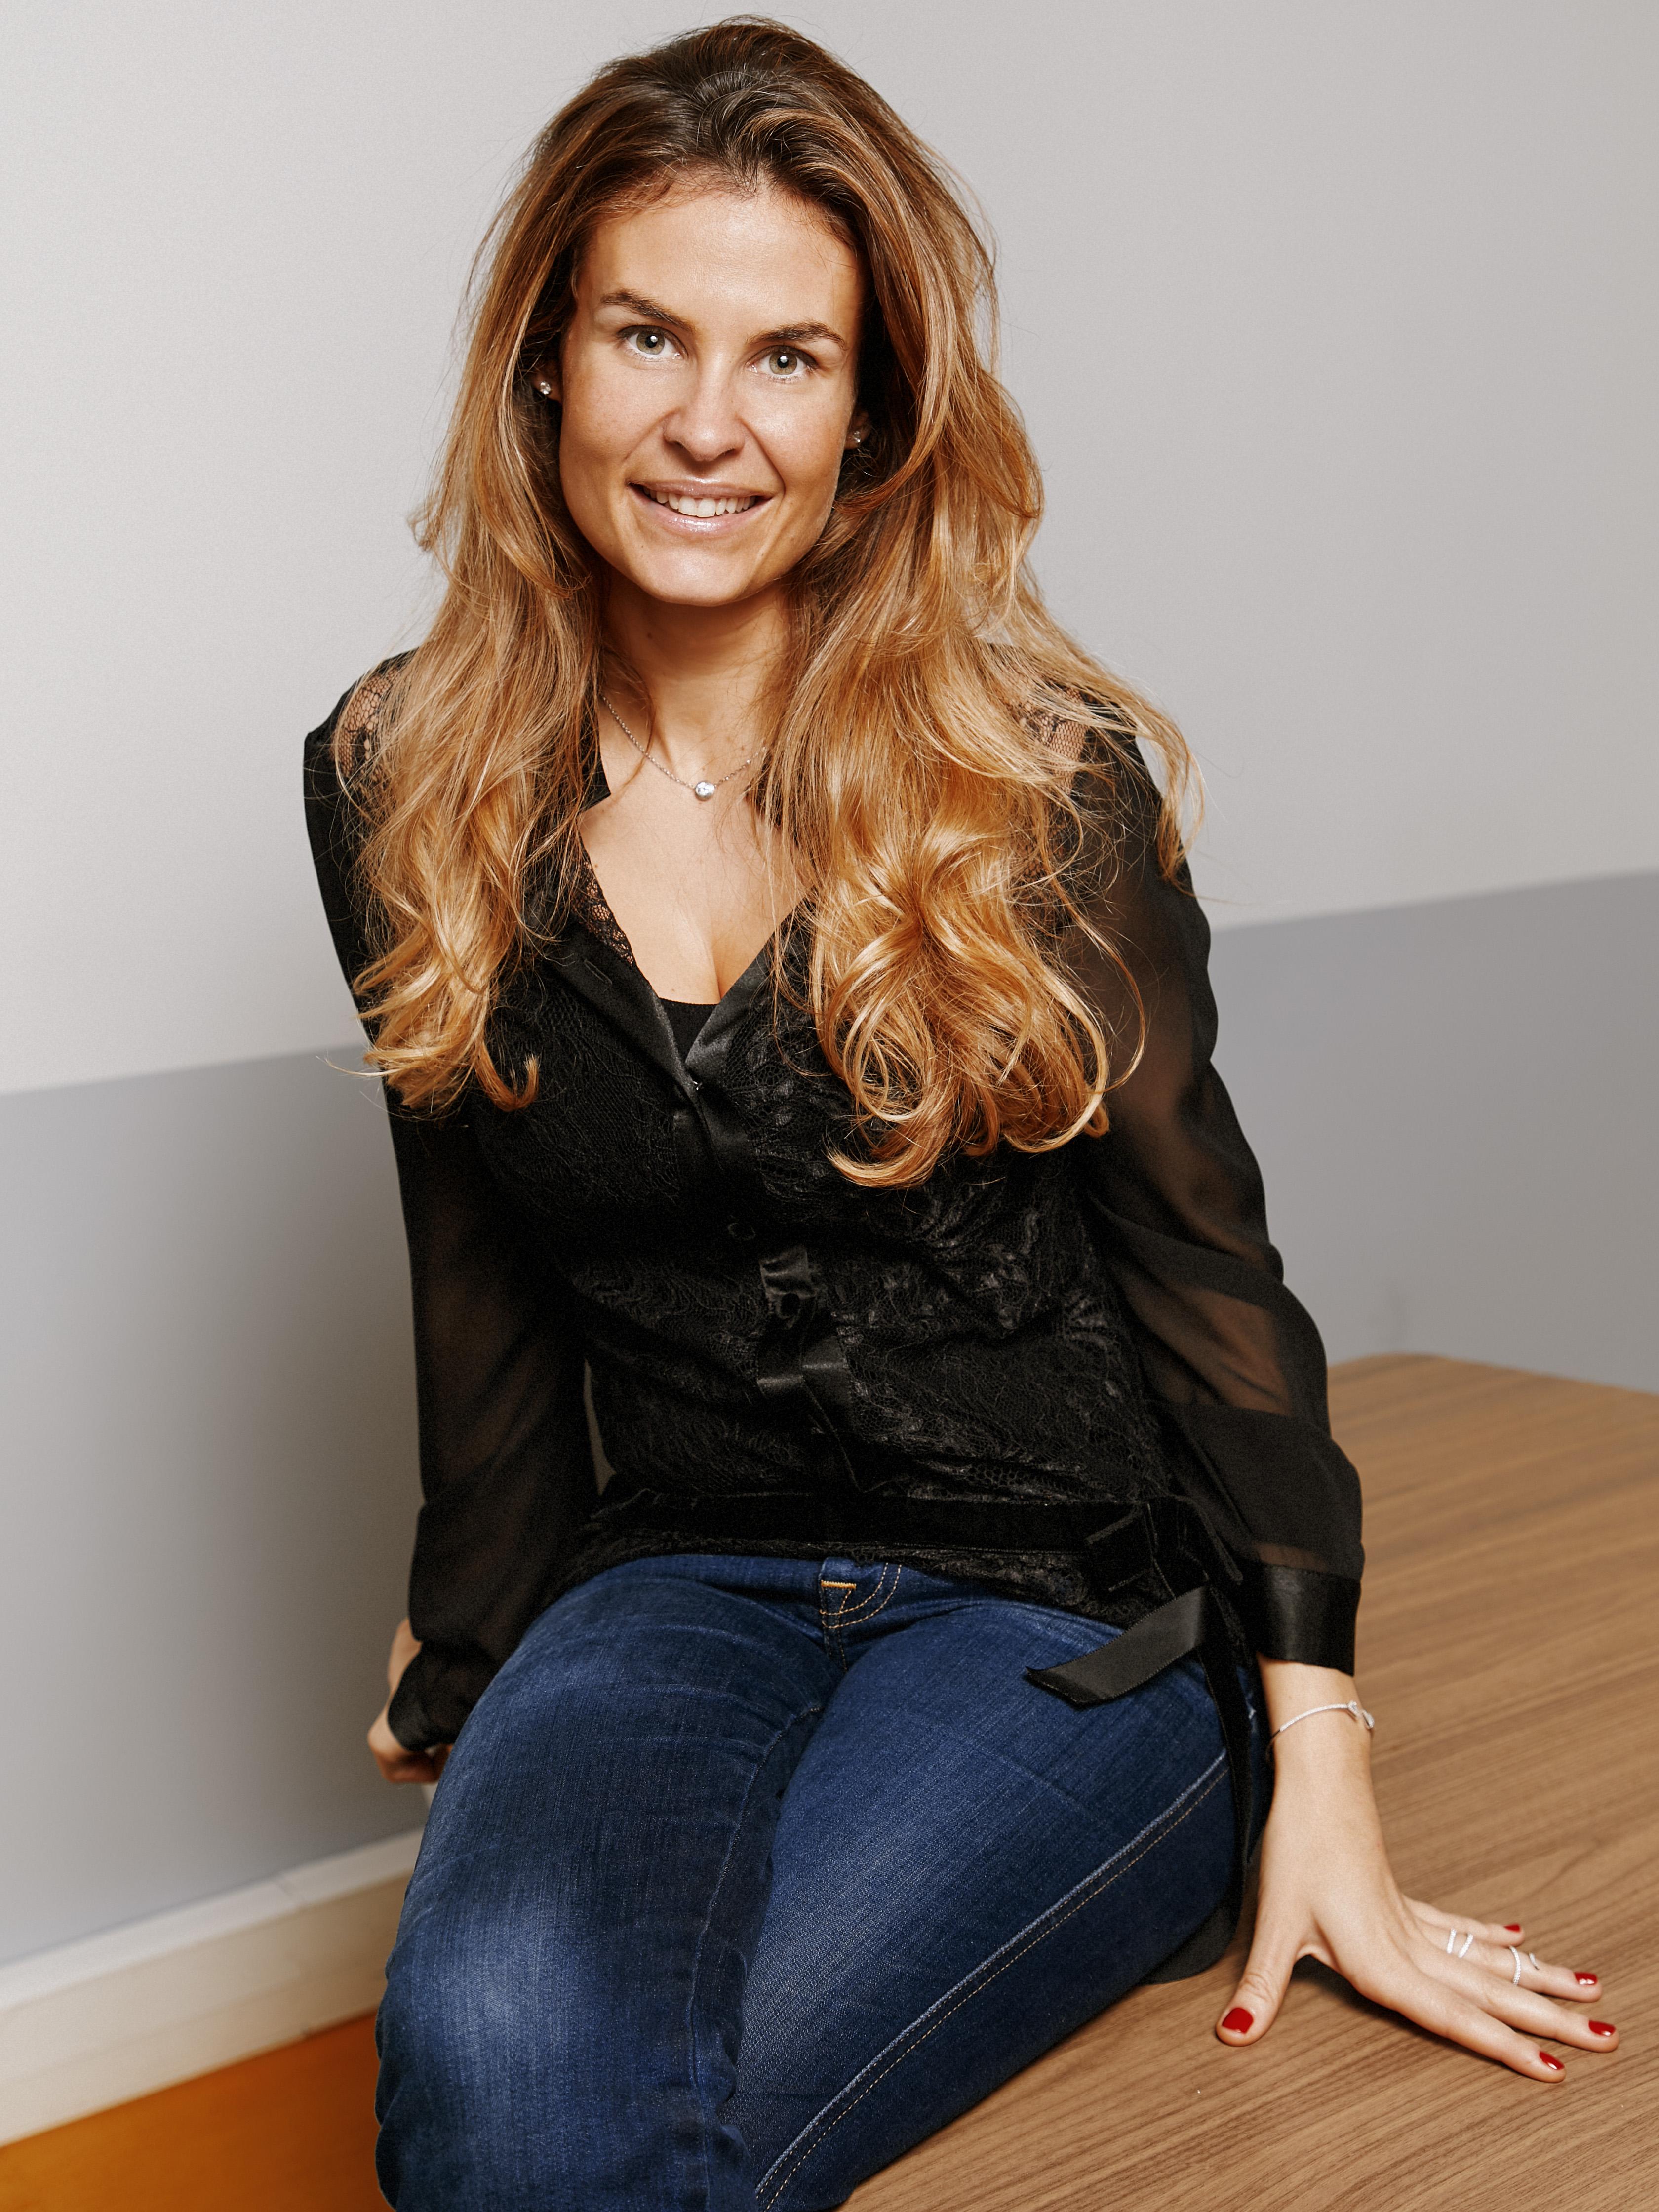 Karine Schrenzel, PDG des 3 Suisses au JDE : « L'envie d'entreprendre est un sentiment que j'ai toujours porté en moi »